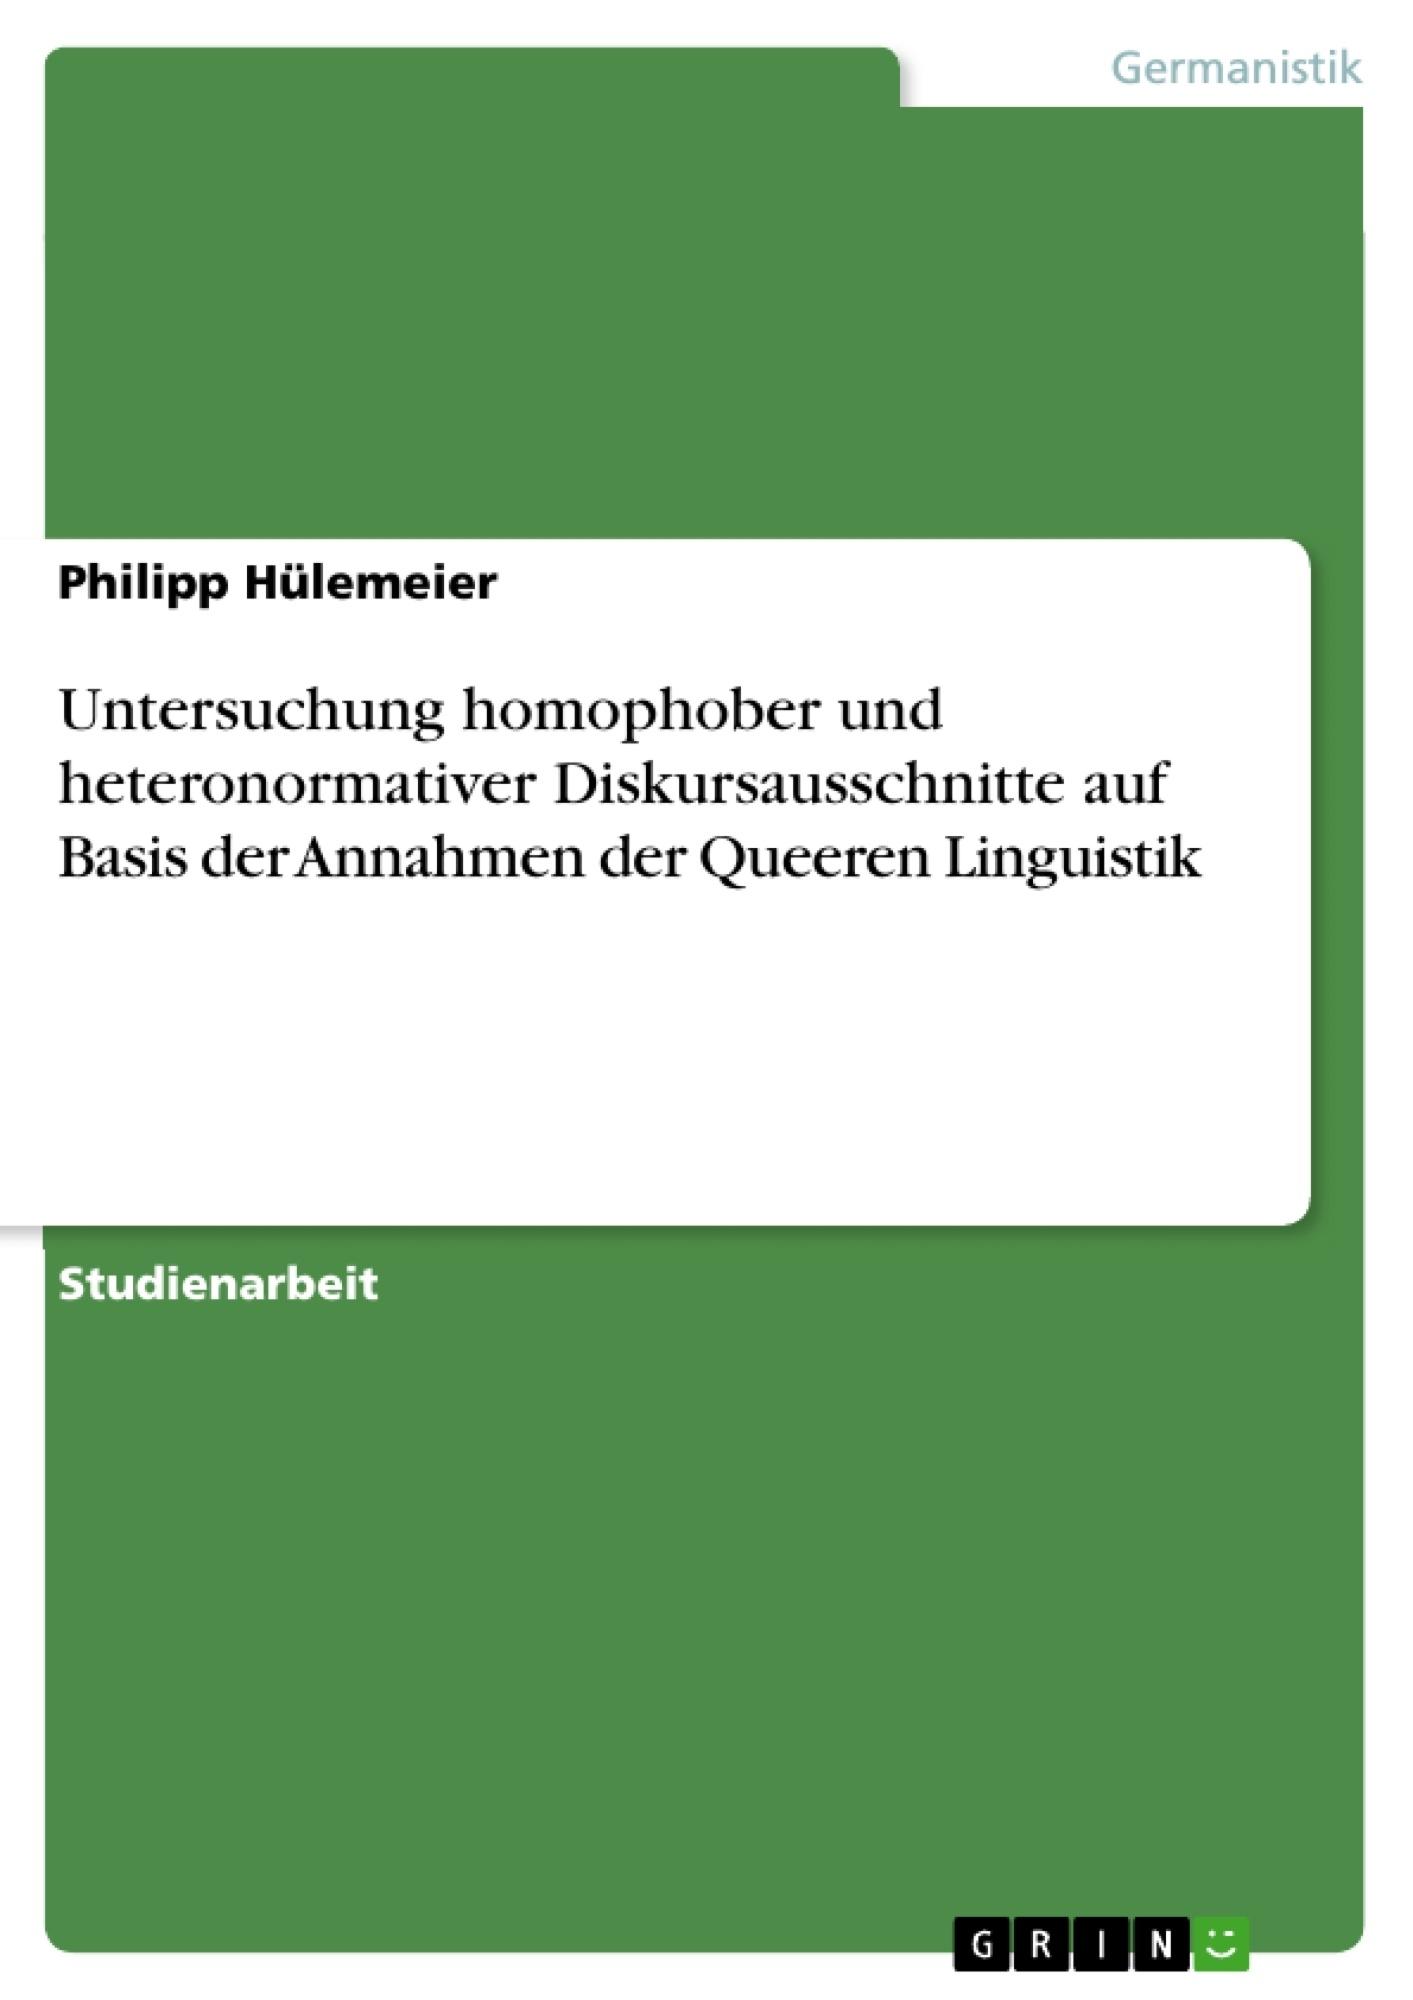 Titel: Untersuchung homophober und heteronormativer Diskursausschnitte auf Basis der Annahmen der Queeren Linguistik